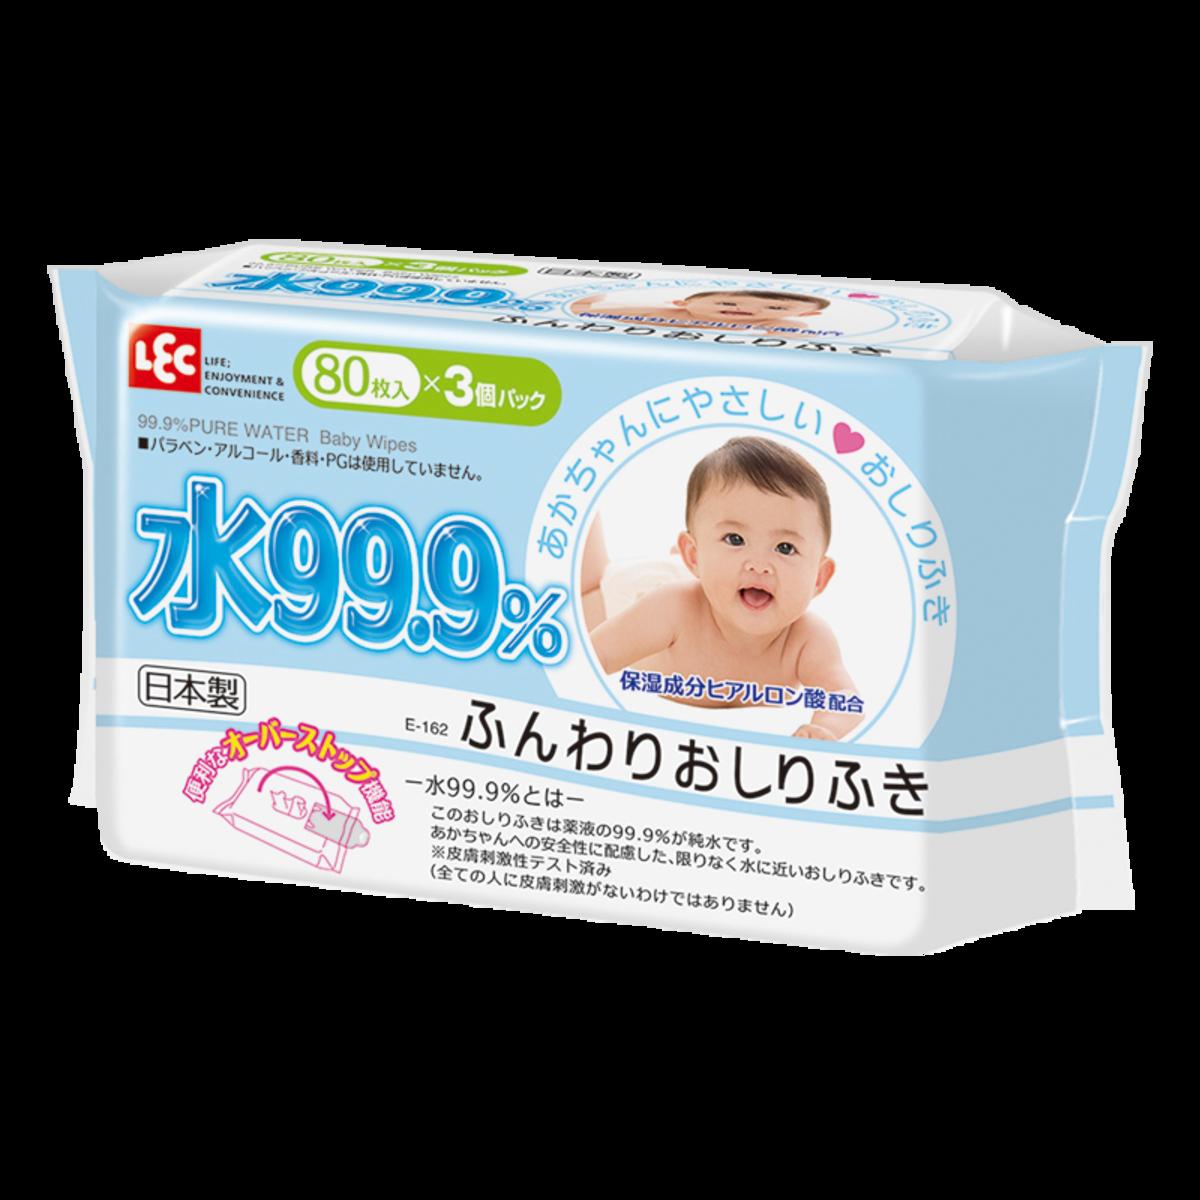 水99.9%幼兒濕抹巾 (日式) 80片 x 3包